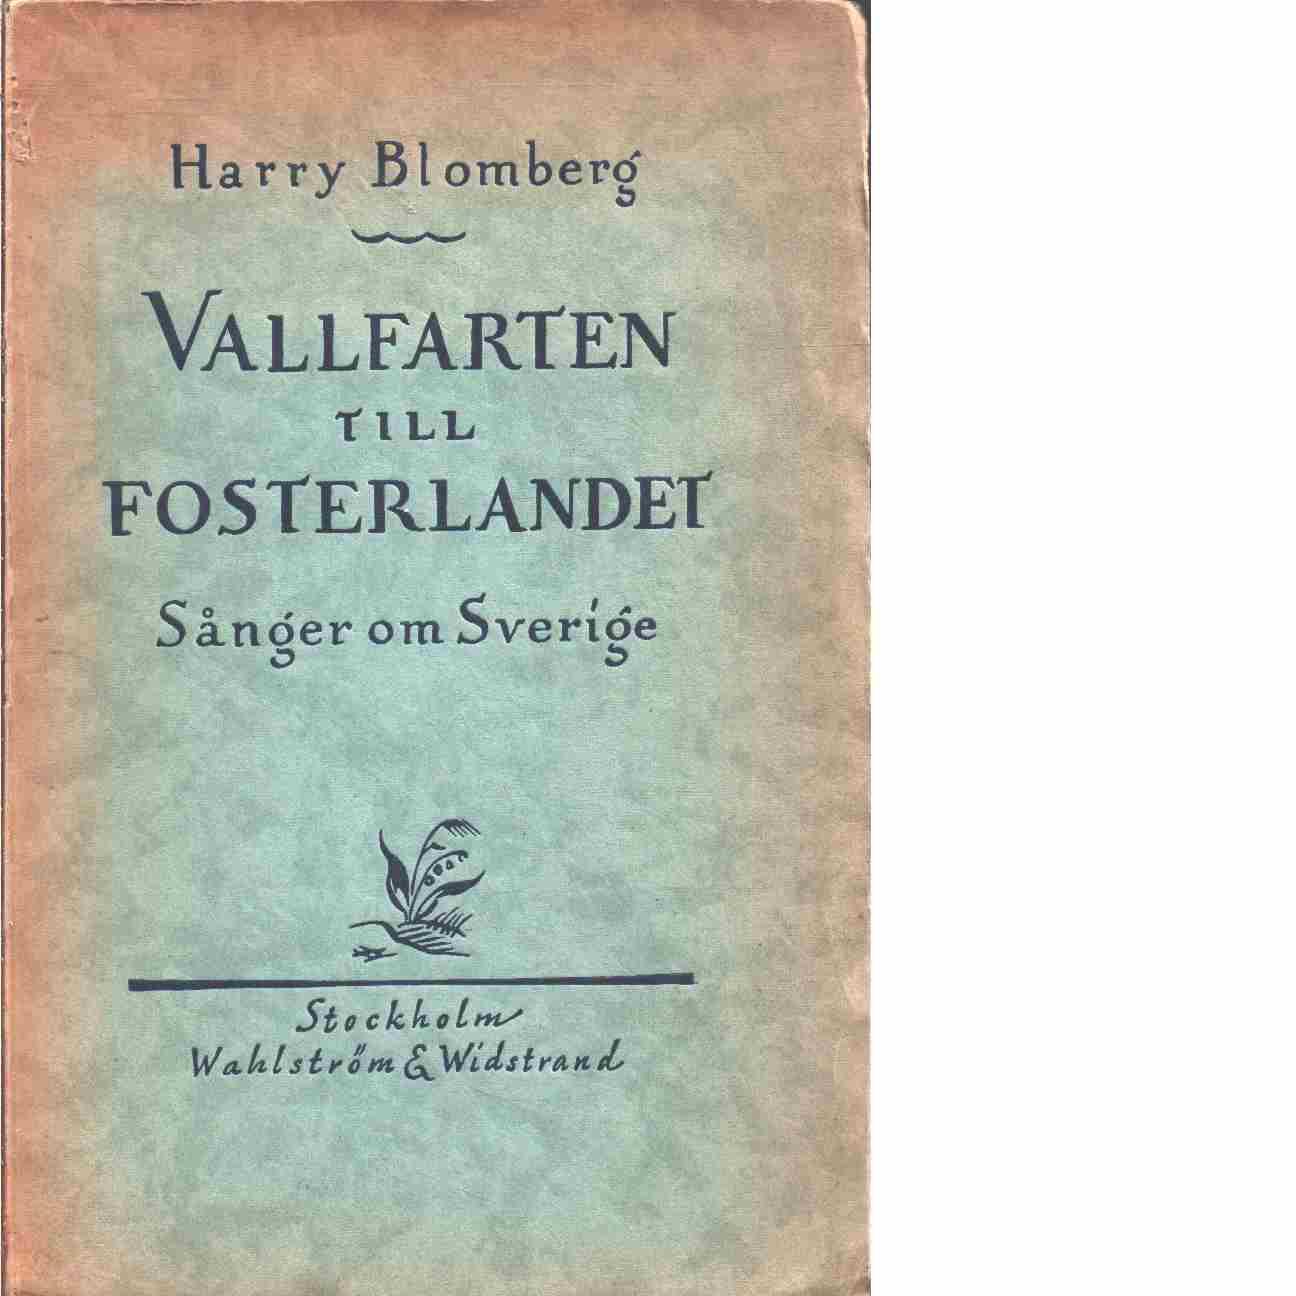 Vallfarten till fosterlandet : sånger om Sverige - Blomberg, Harry